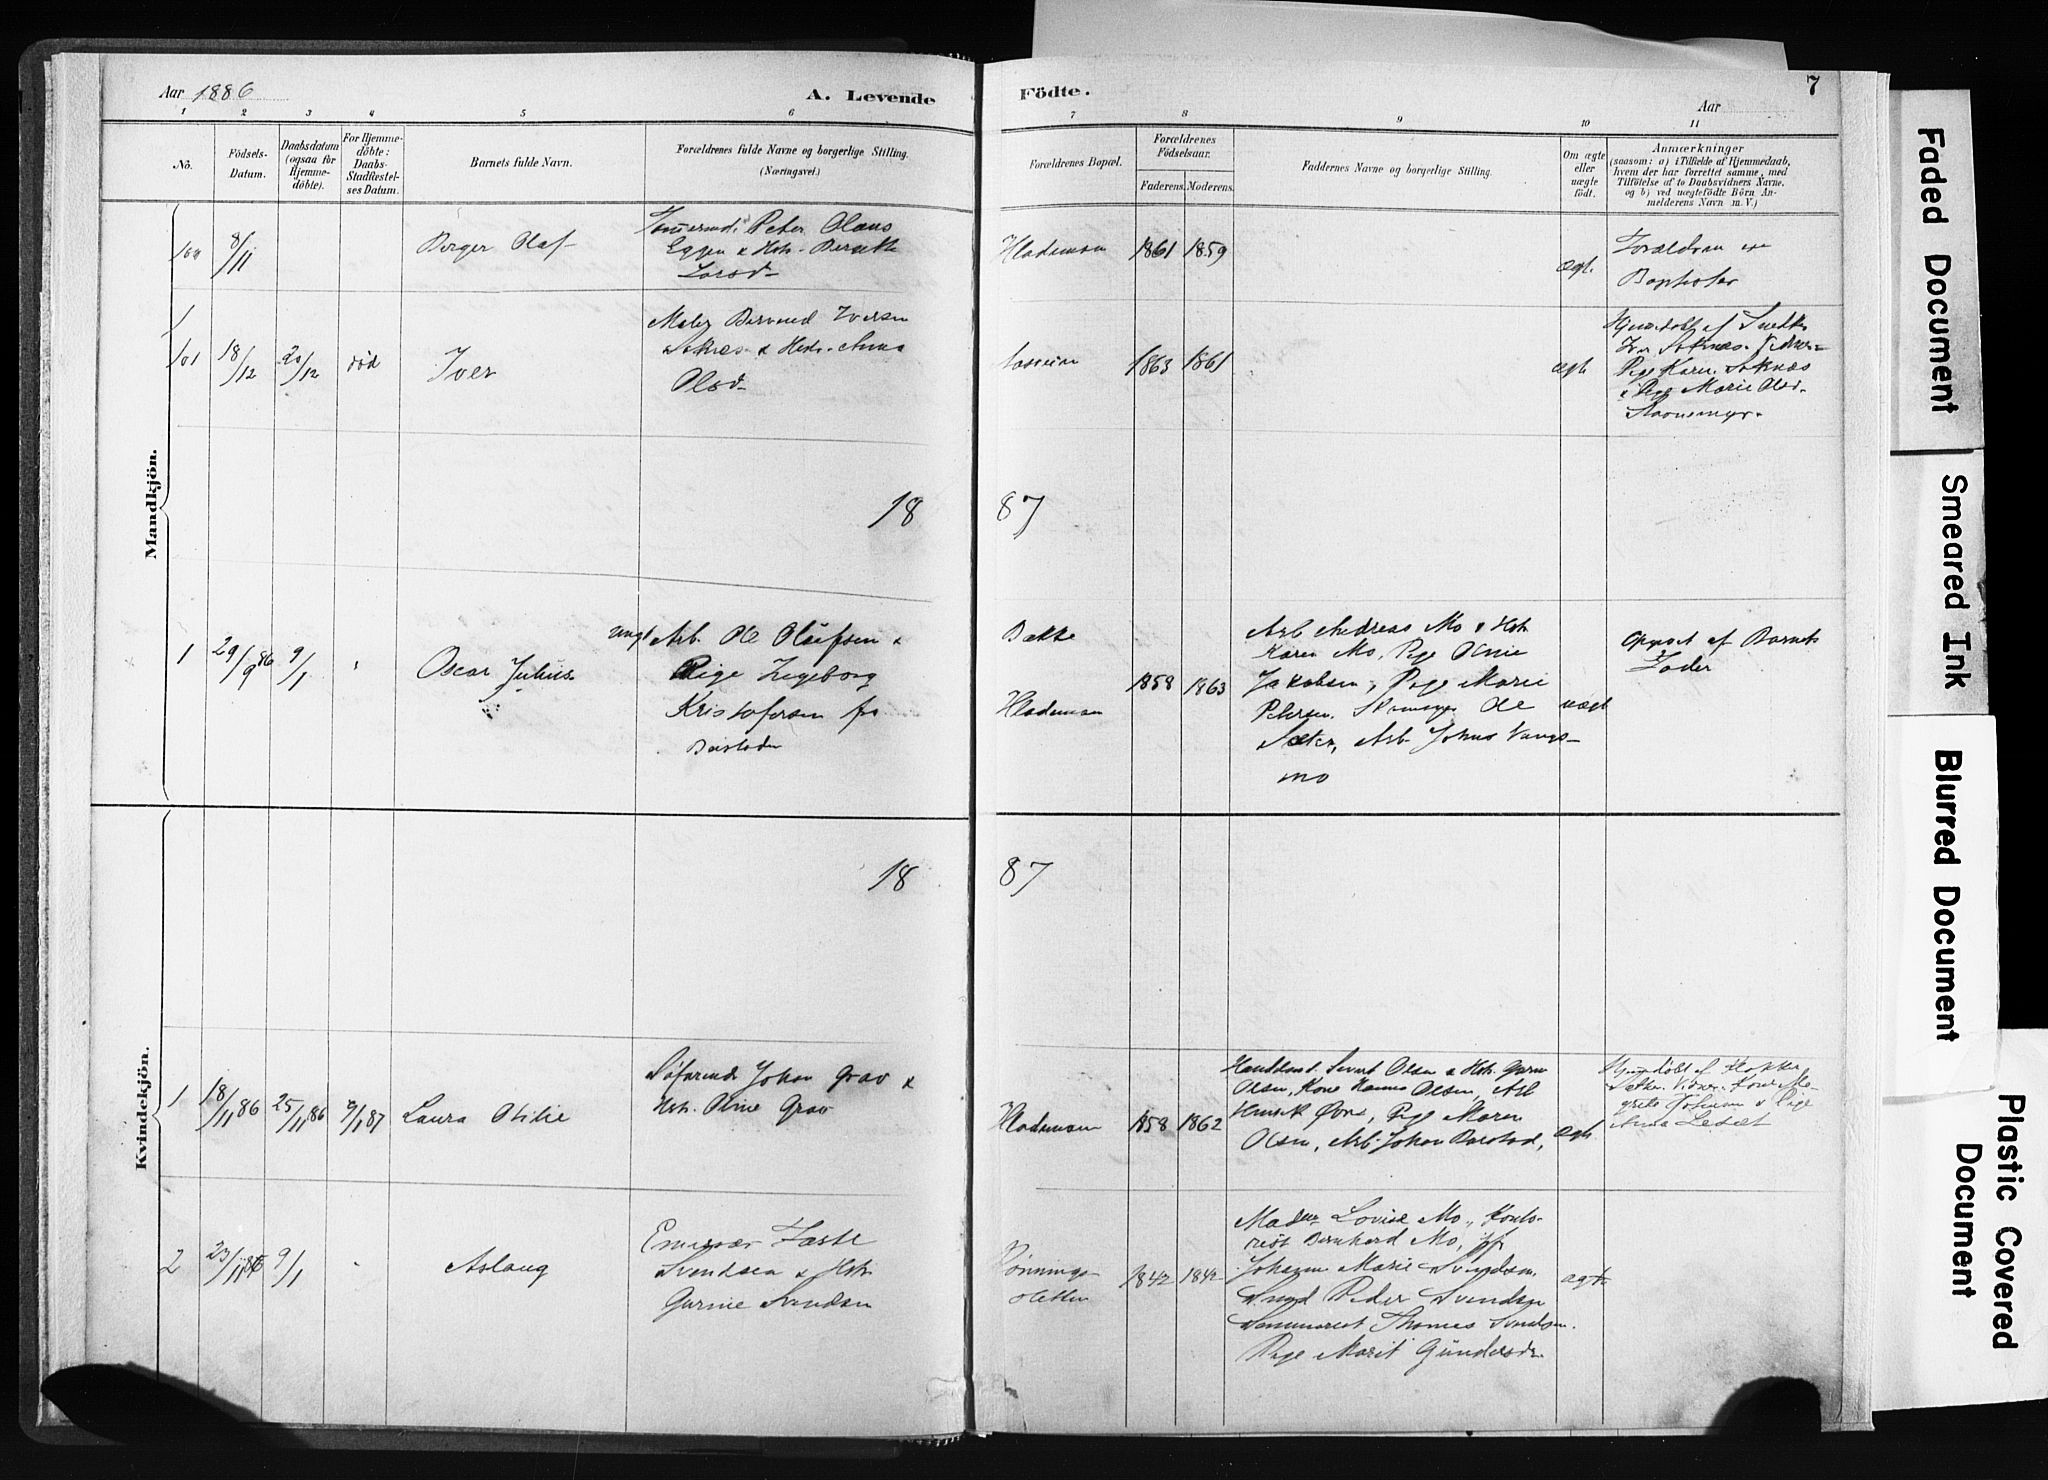 SAT, Ministerialprotokoller, klokkerbøker og fødselsregistre - Sør-Trøndelag, 606/L0300: Ministerialbok nr. 606A15, 1886-1893, s. 7